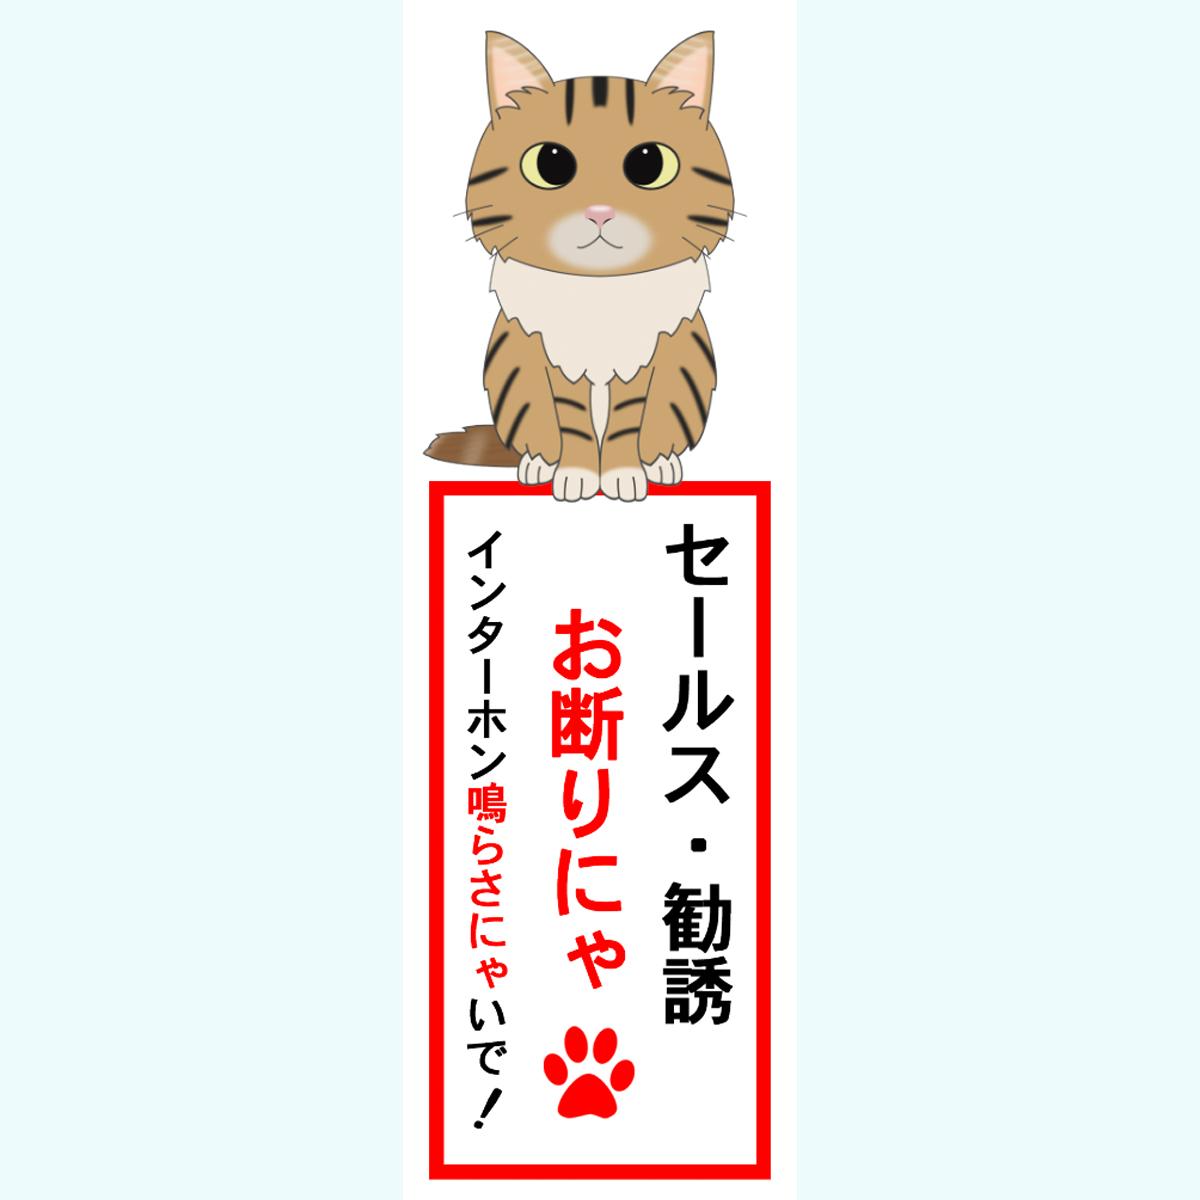 迷惑なセールス 入荷予定 勧誘を猫ちゃんがお断り 役立つ猫ステッカー セールスお断り猫ステッカー メインクーン 好評受付中 玄関 ステッカー 迷惑防止 猫 お役立ち